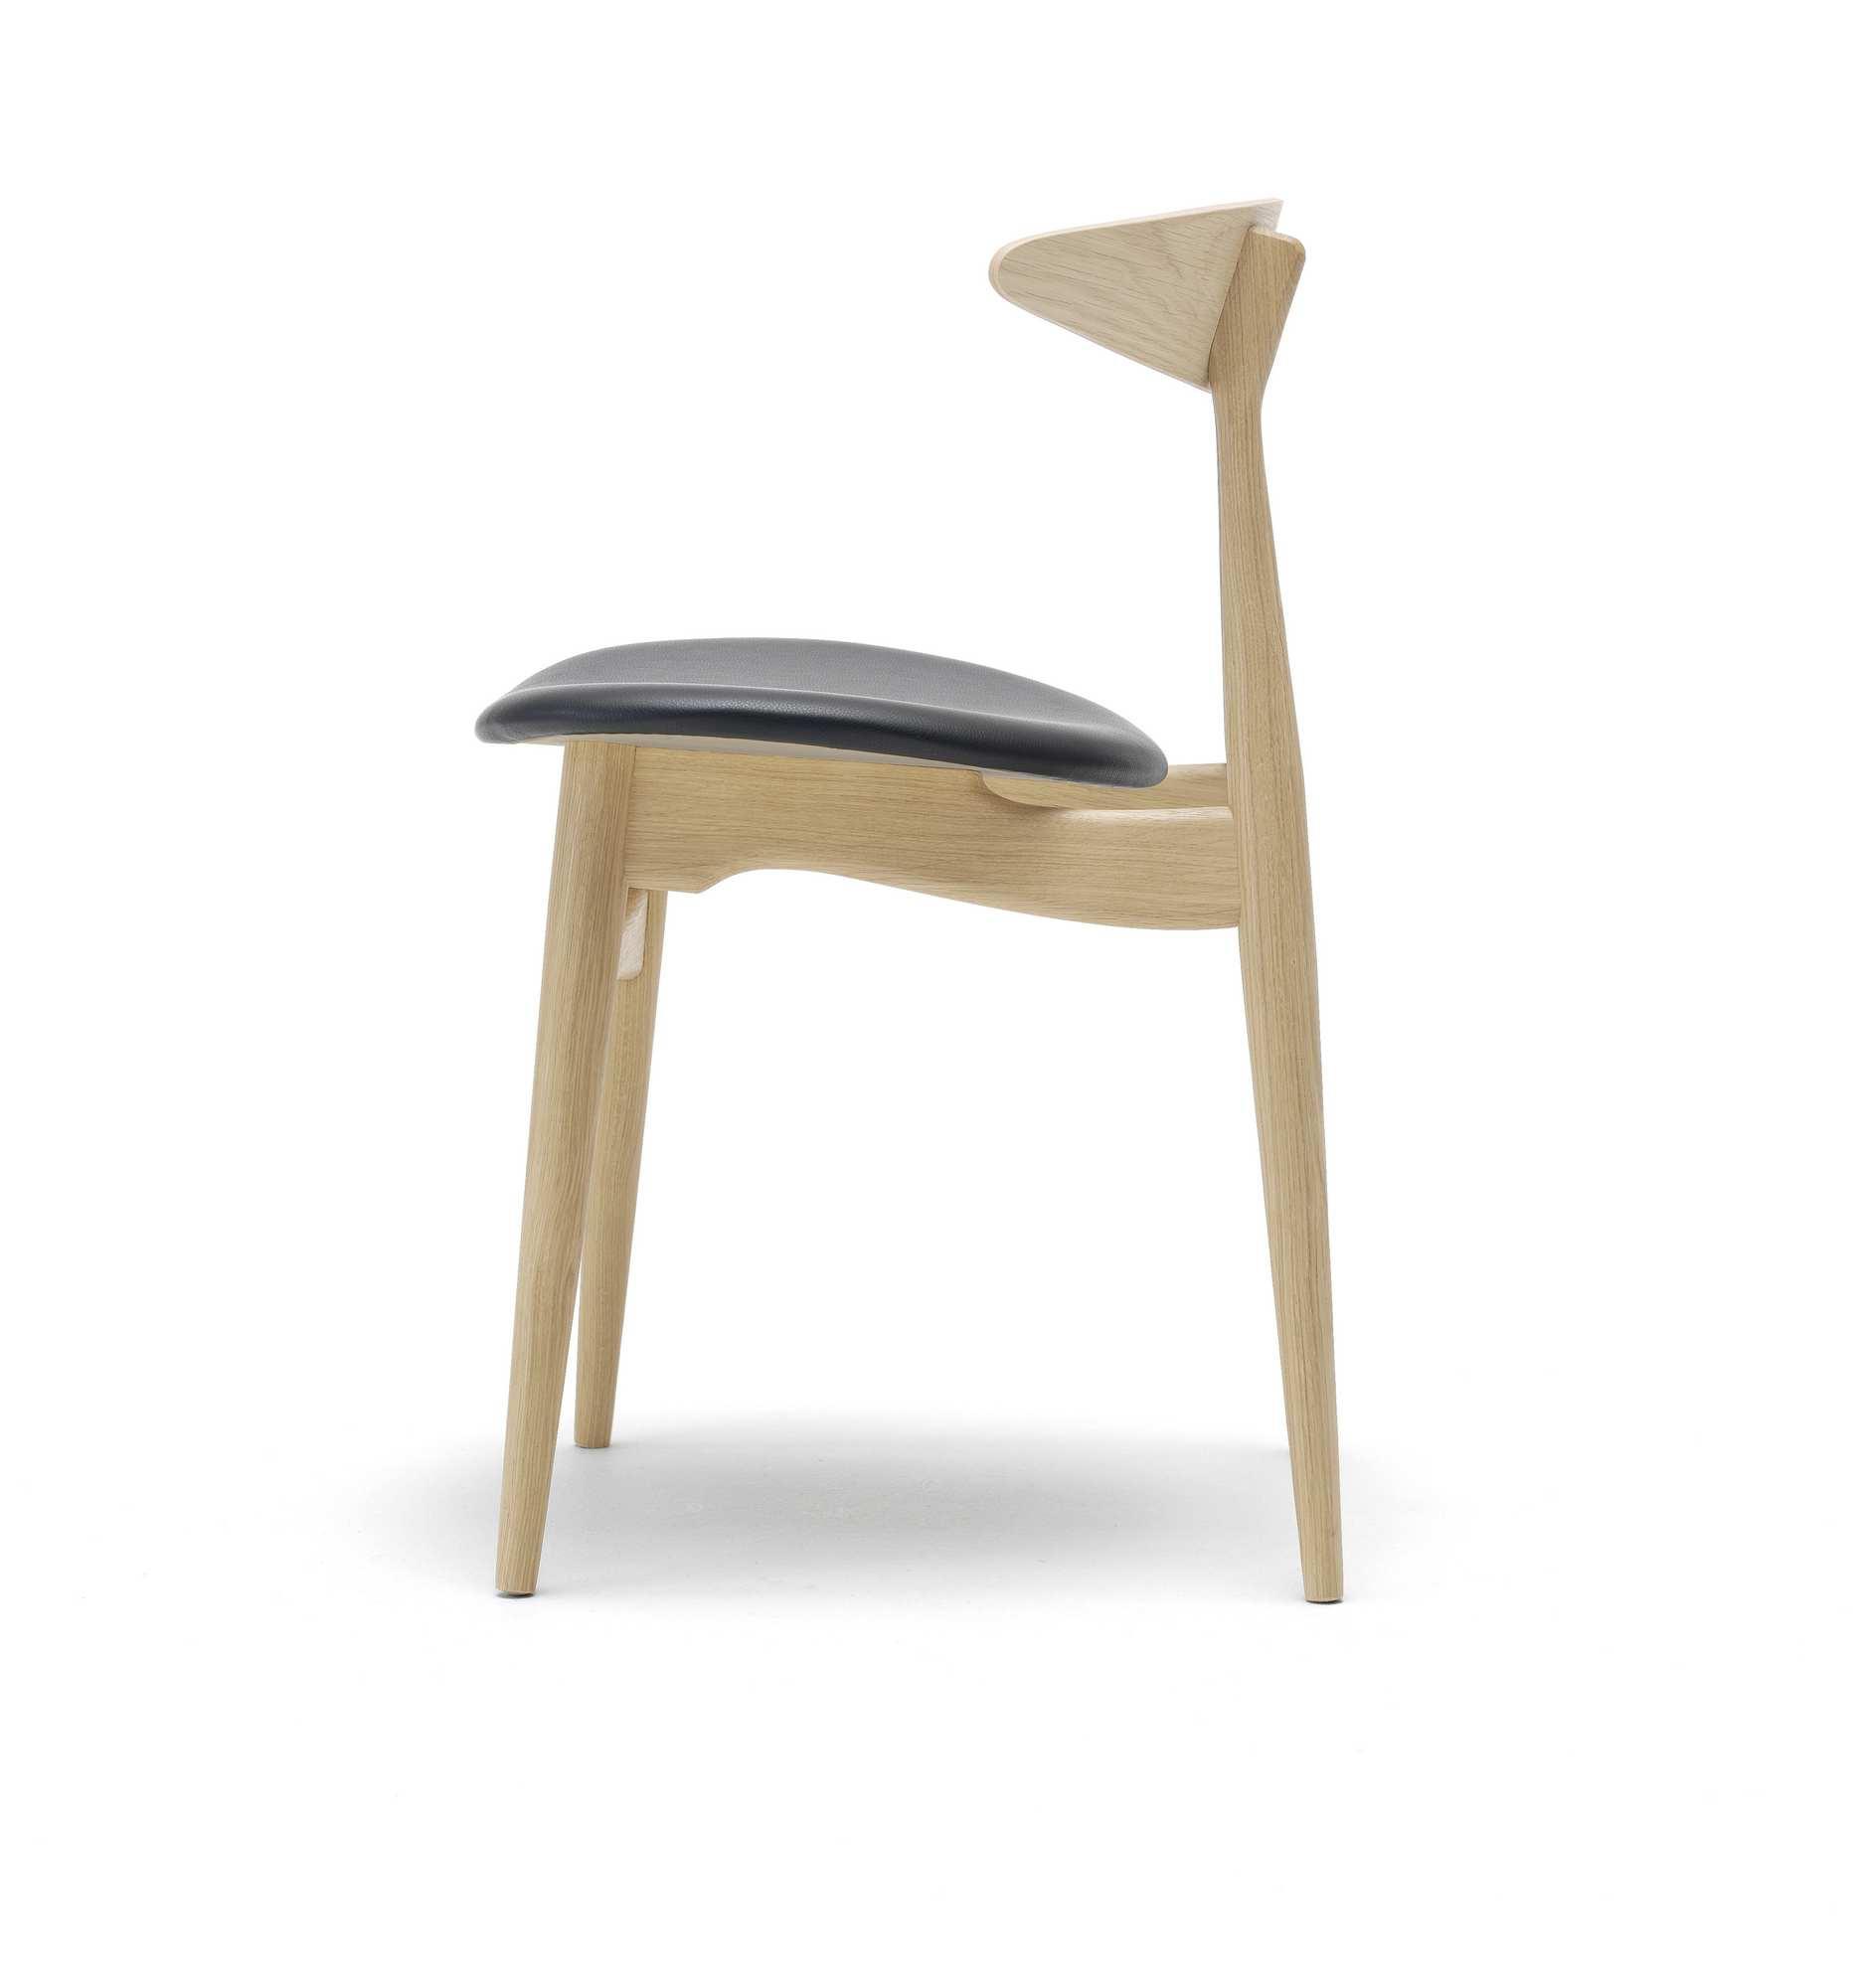 CH33 upholstered chair Carl Hansen & Søn